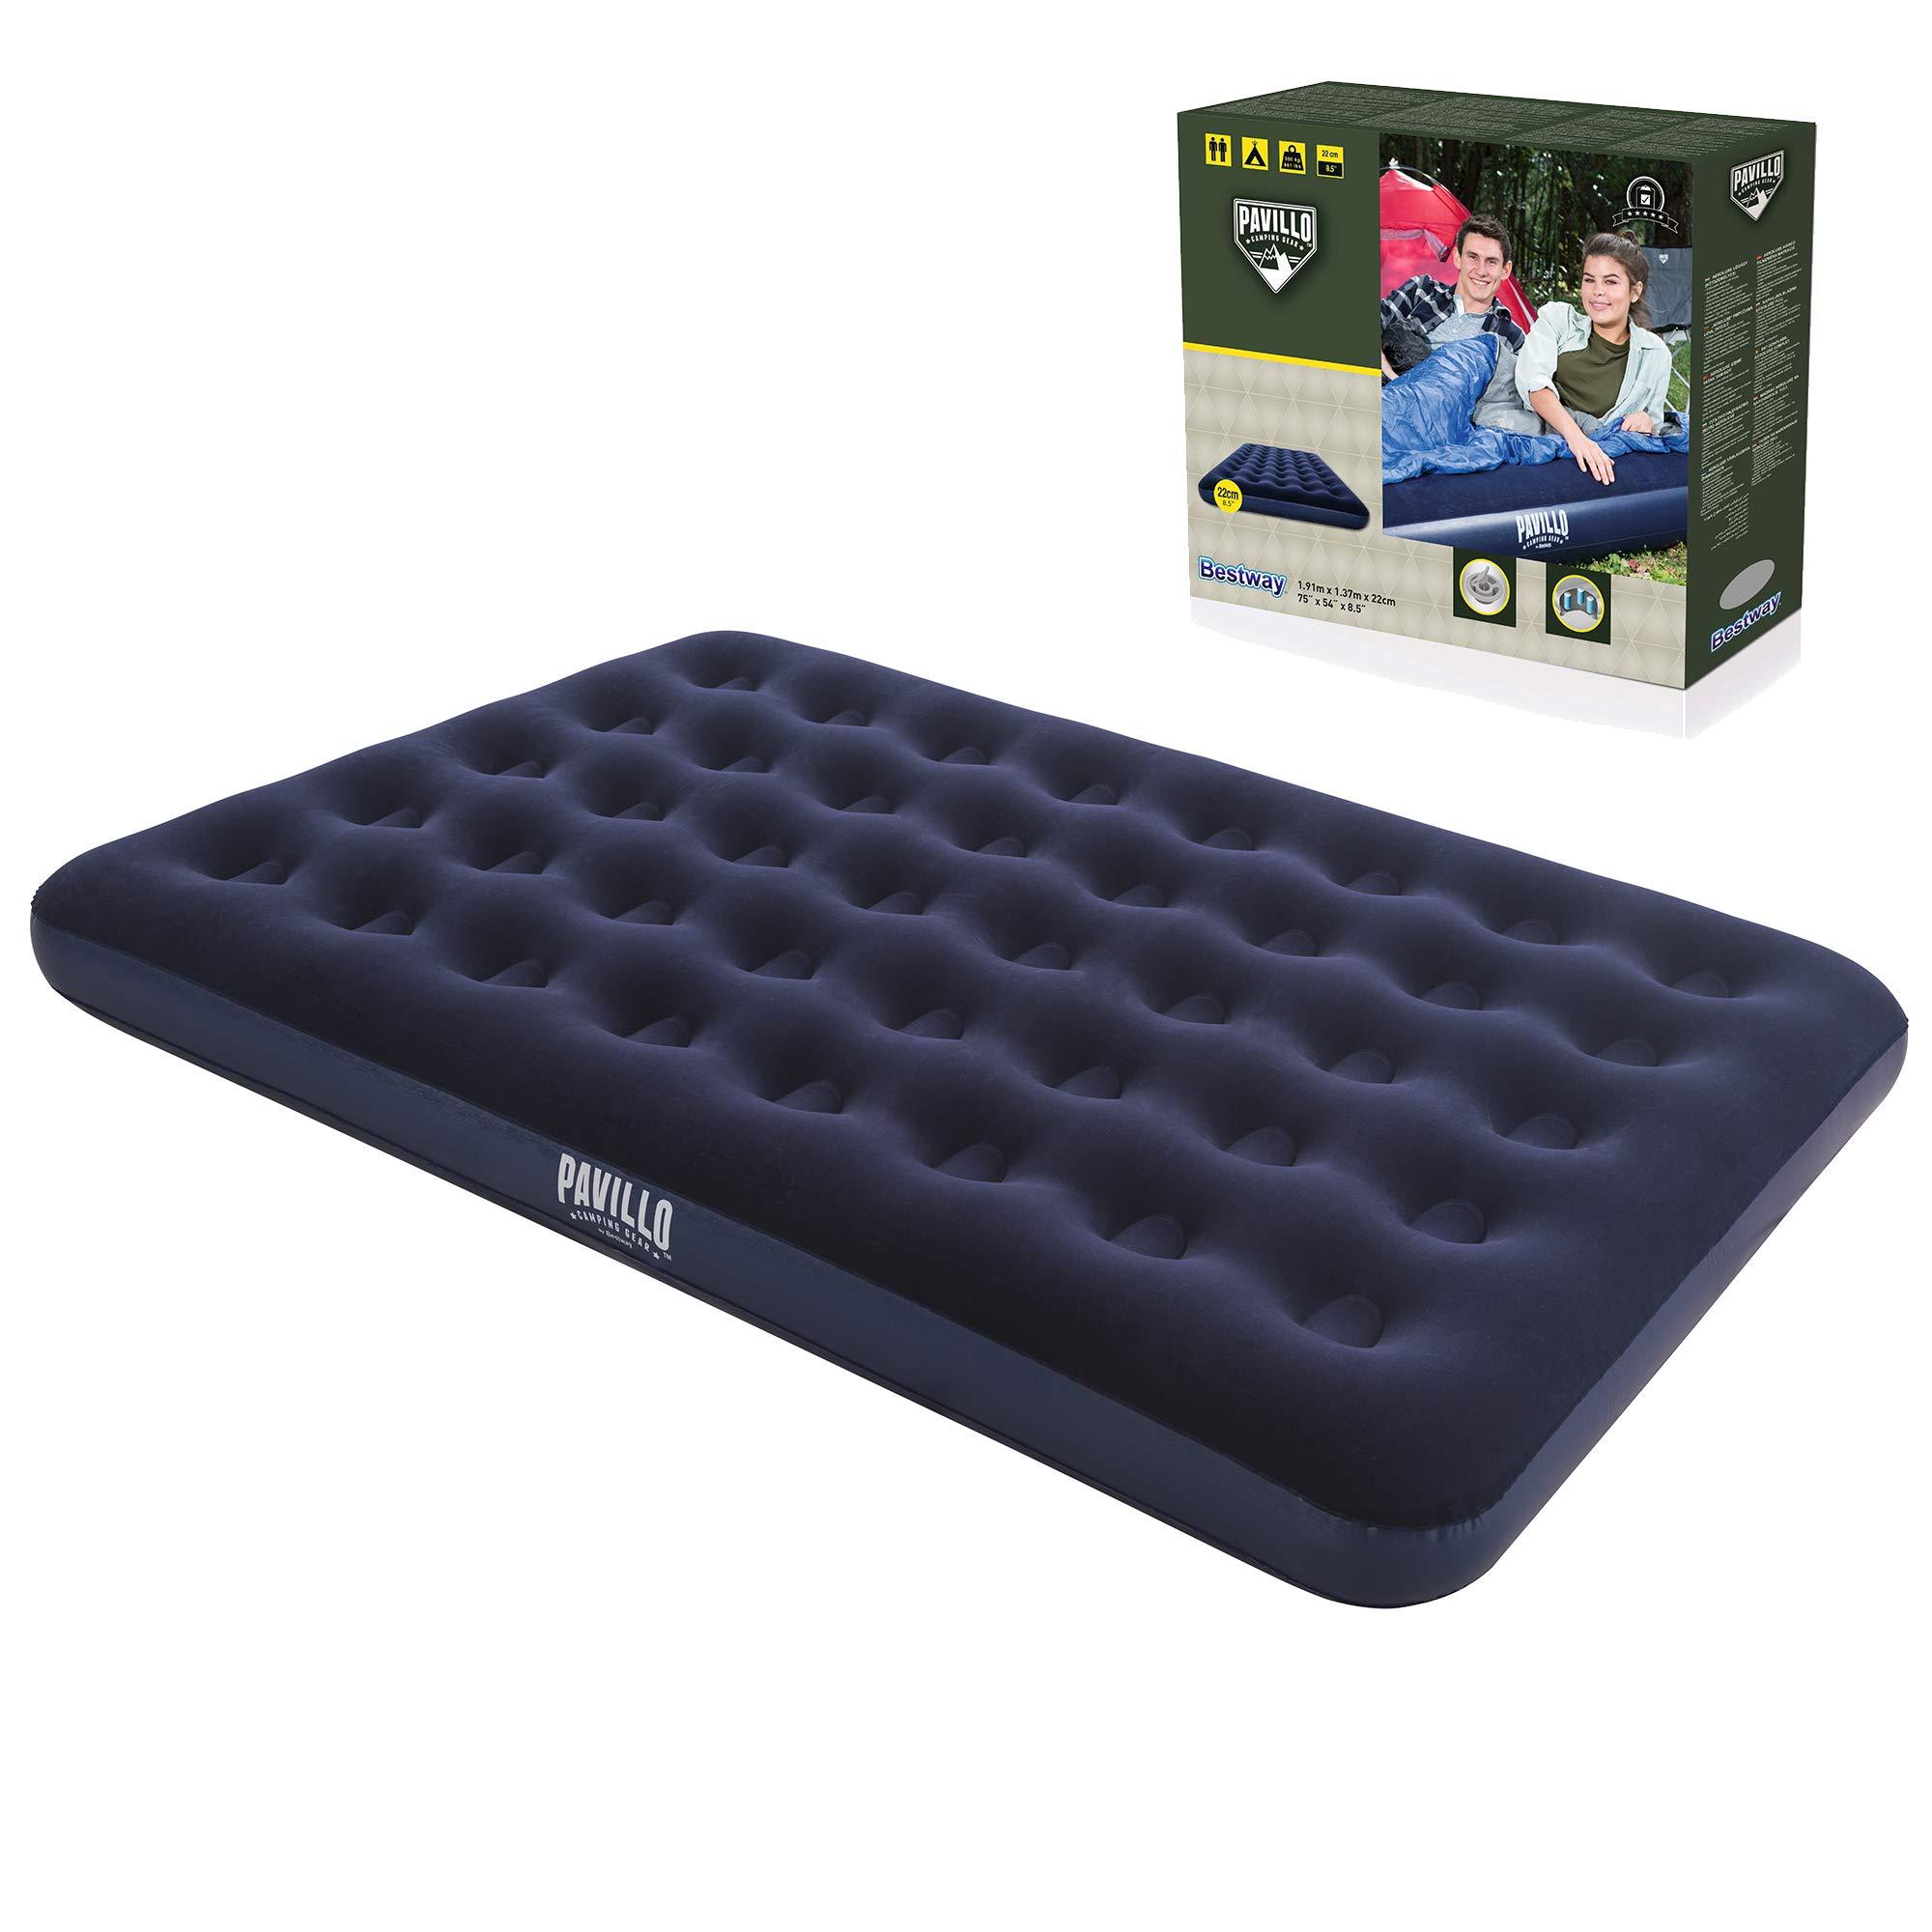 Bestway 67002 - Colchon flocado de camping doble, 191 x 137 x 22 cm product